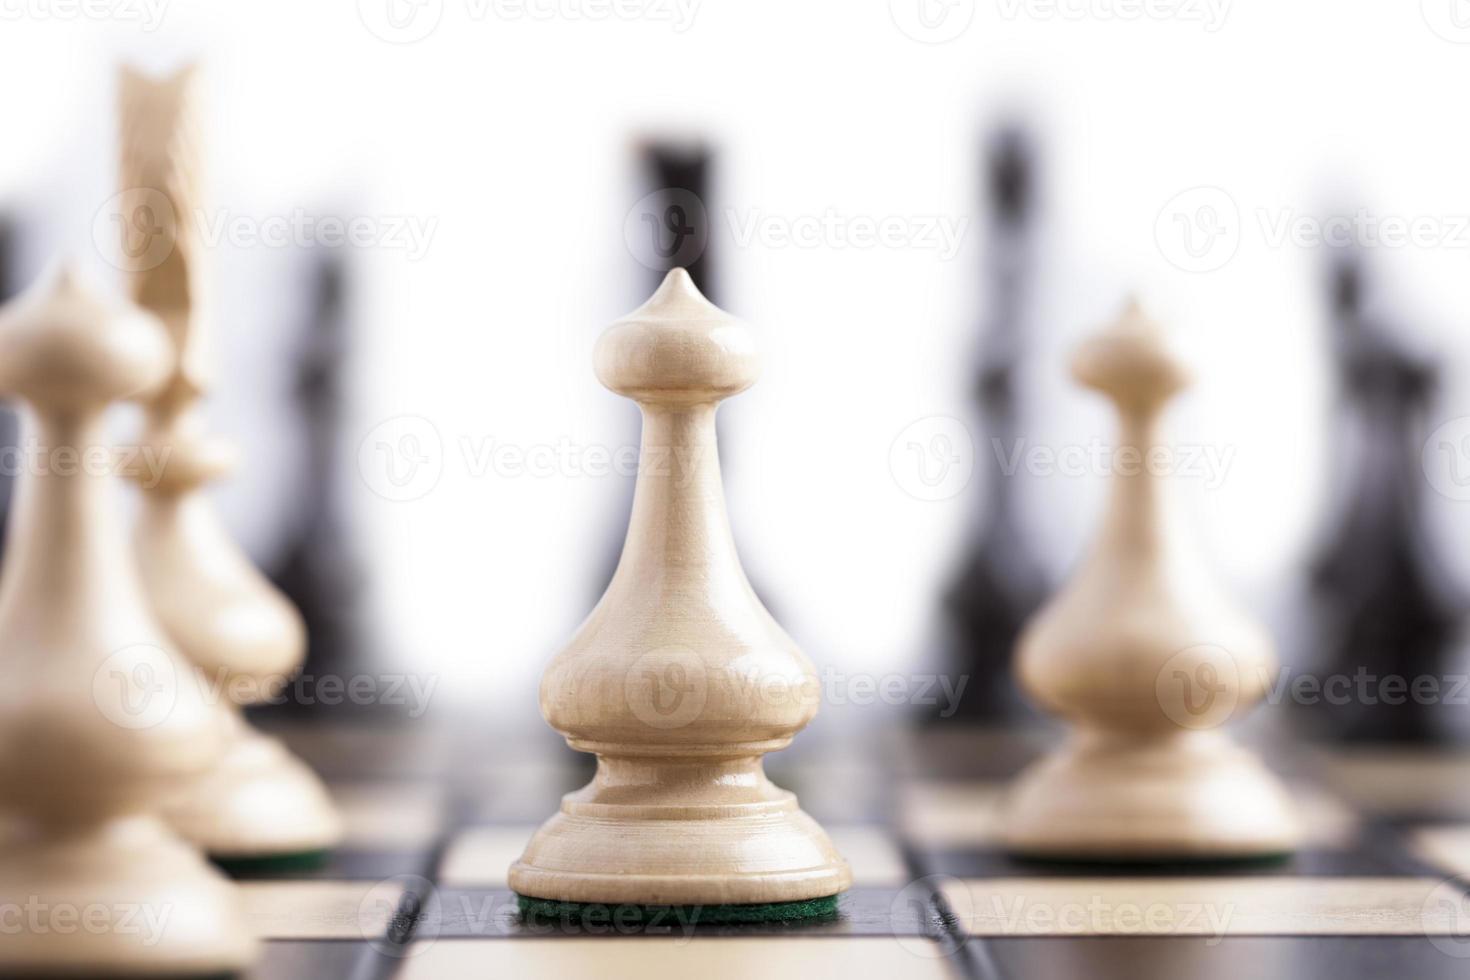 schaakstukken op een schaakbord. foto